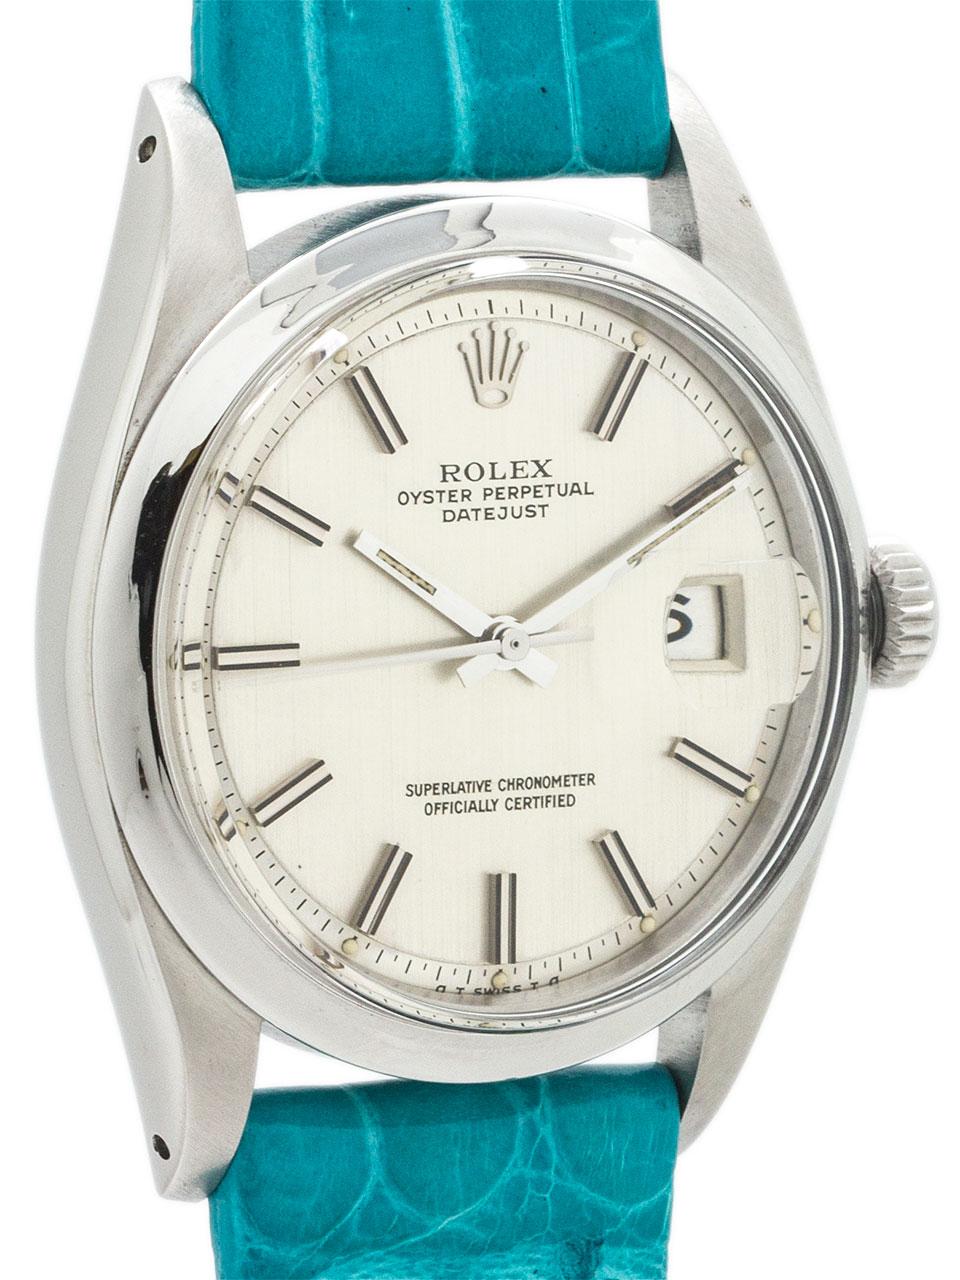 Rolex Datejust ref 1603 Stainless Steel circa 1972